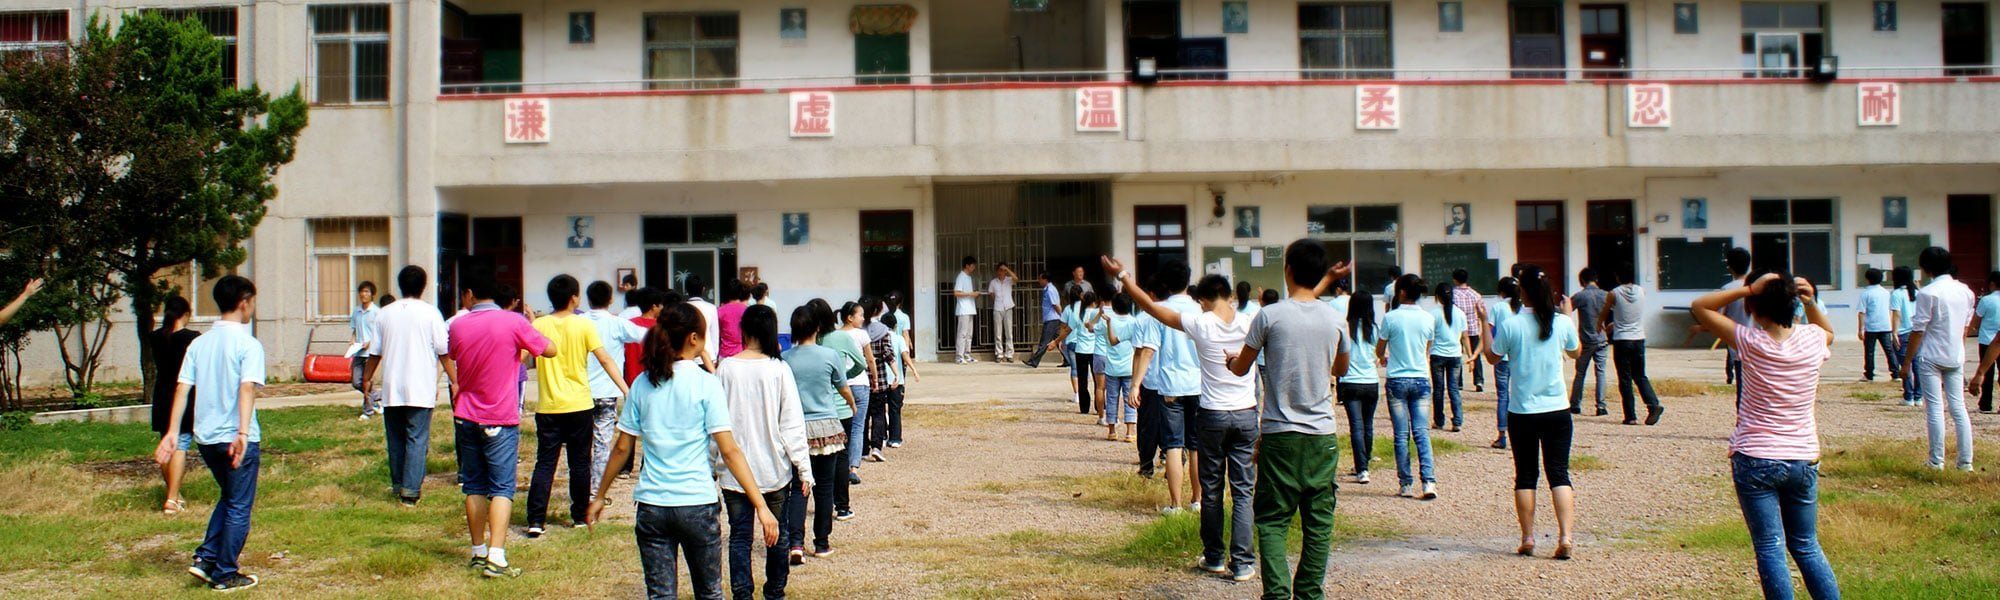 Pausgymnastik för elever utanför en skola